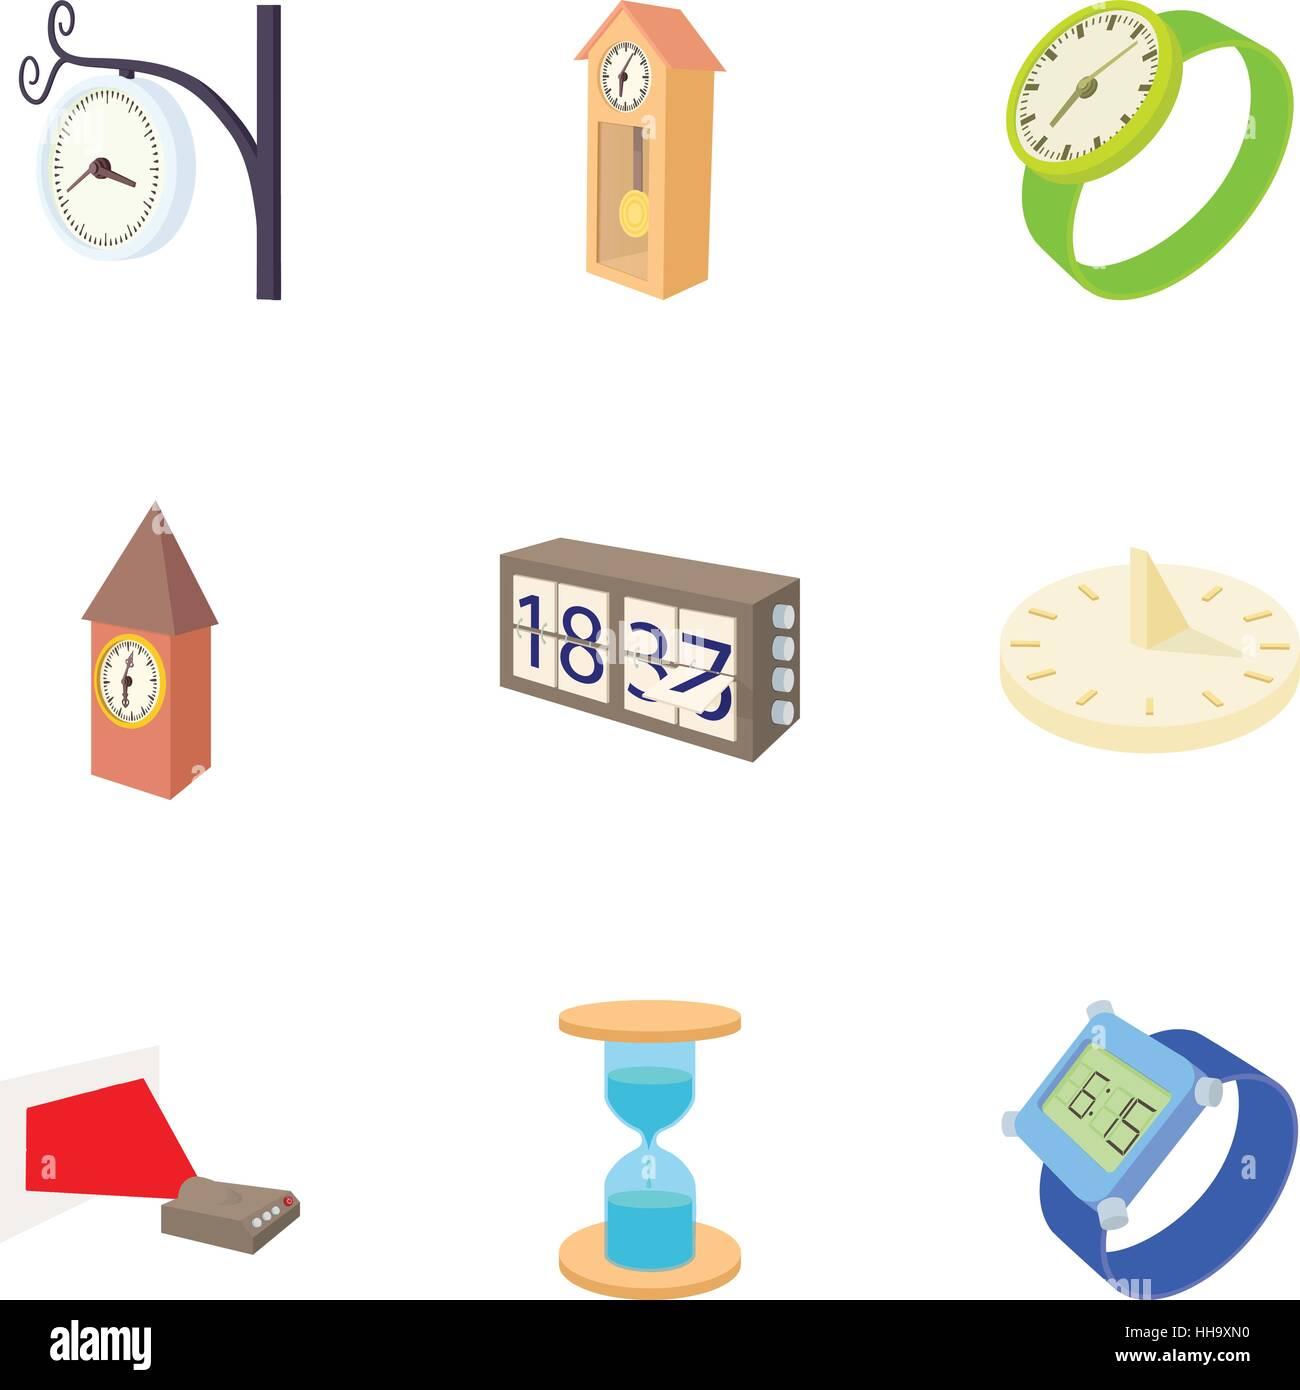 Tipos De Relojes Conjunto De Iconos De Estilo De Dibujos Animados